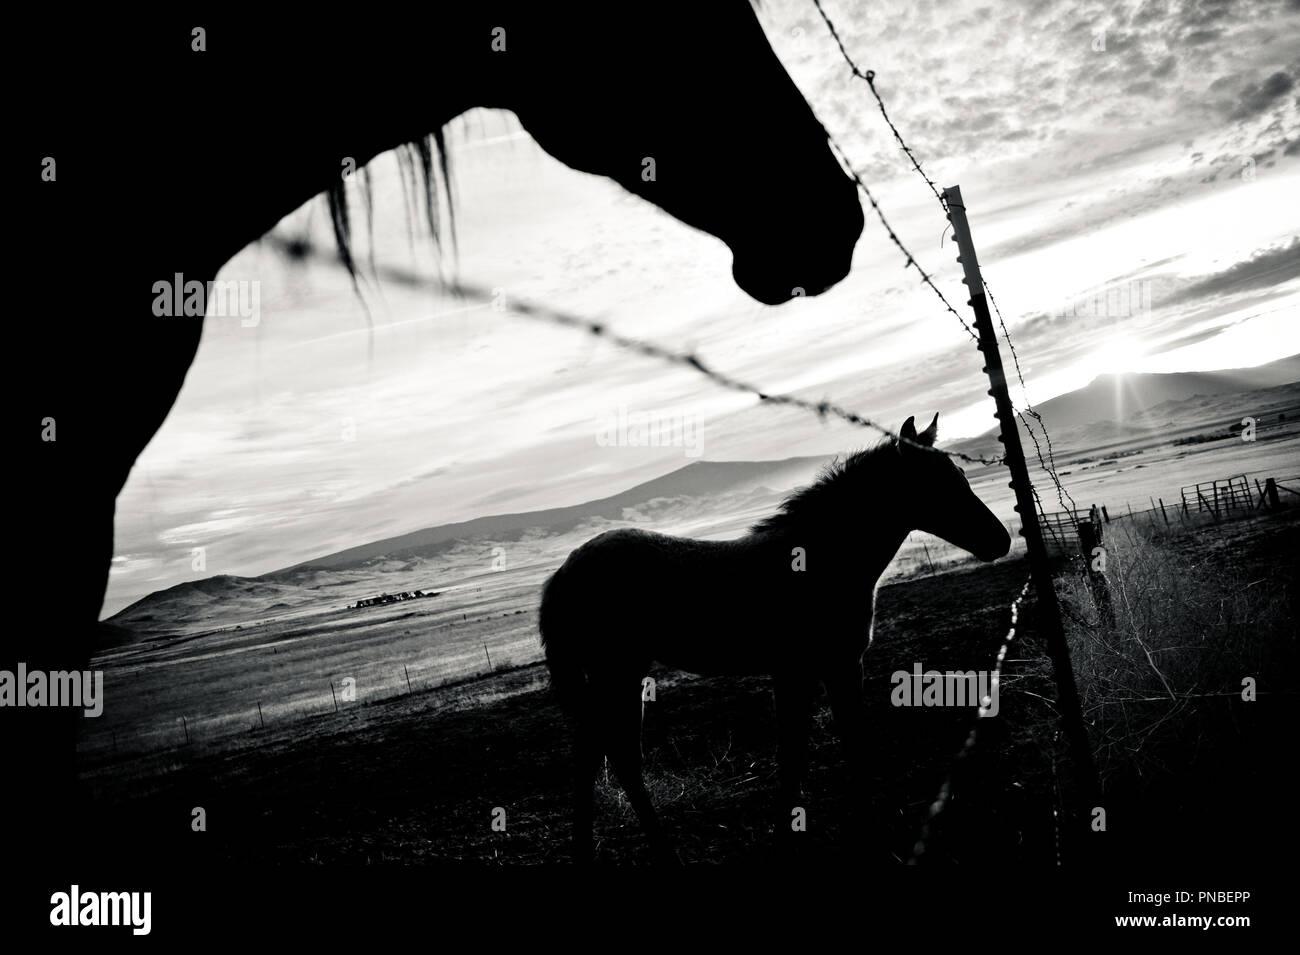 Silueta de caballo Imagen De Stock